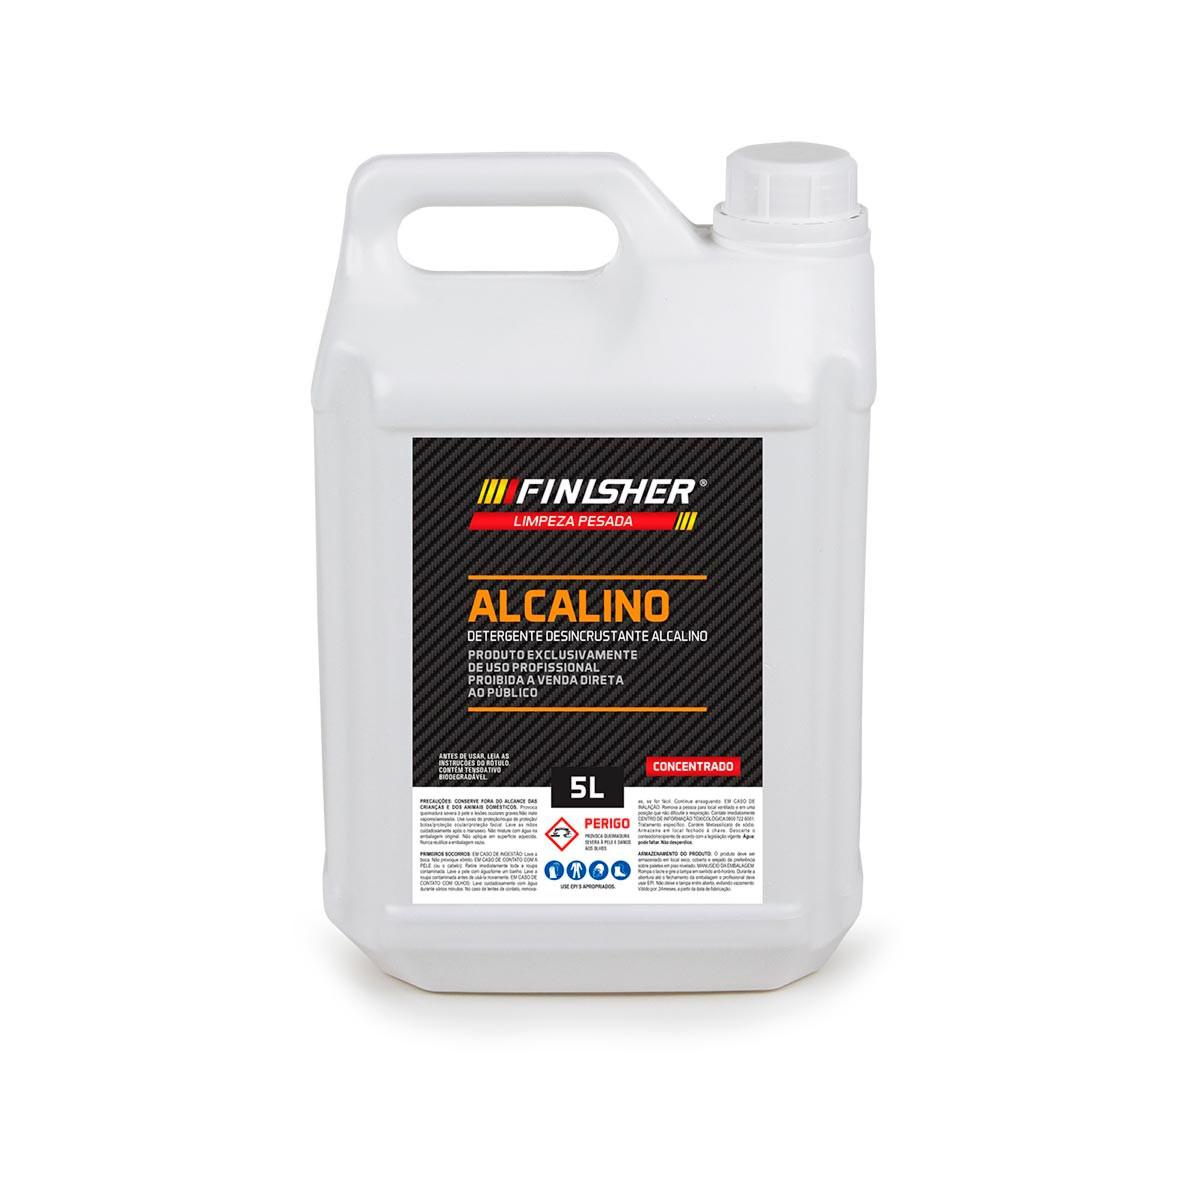 Alcalino 5L (Detergente Desincrustante) - Finisher